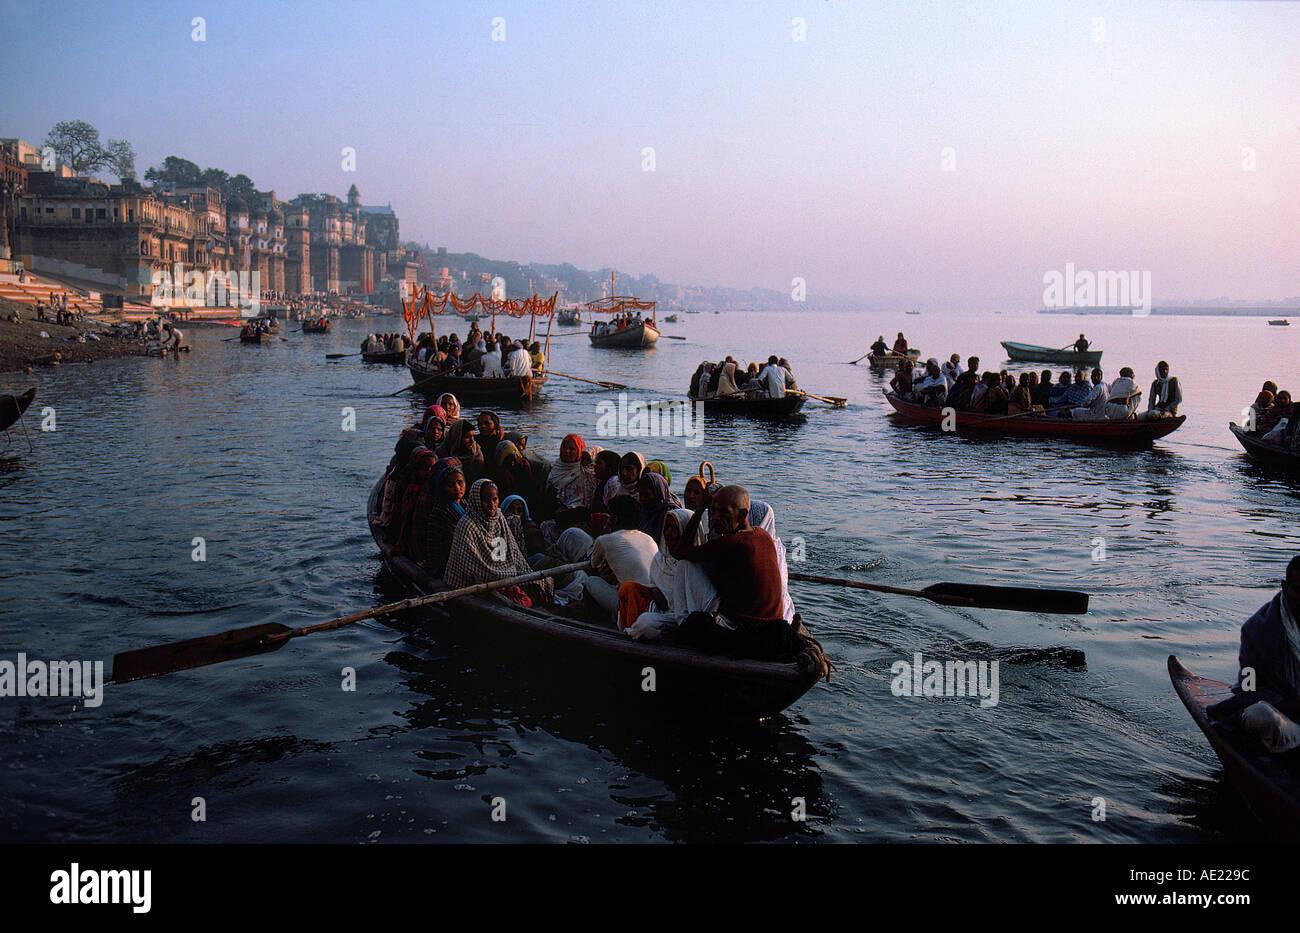 Procesión religiosa ganga ciudad fluvial de Varanasi, estado de Uttar Pradesh, India Imagen De Stock